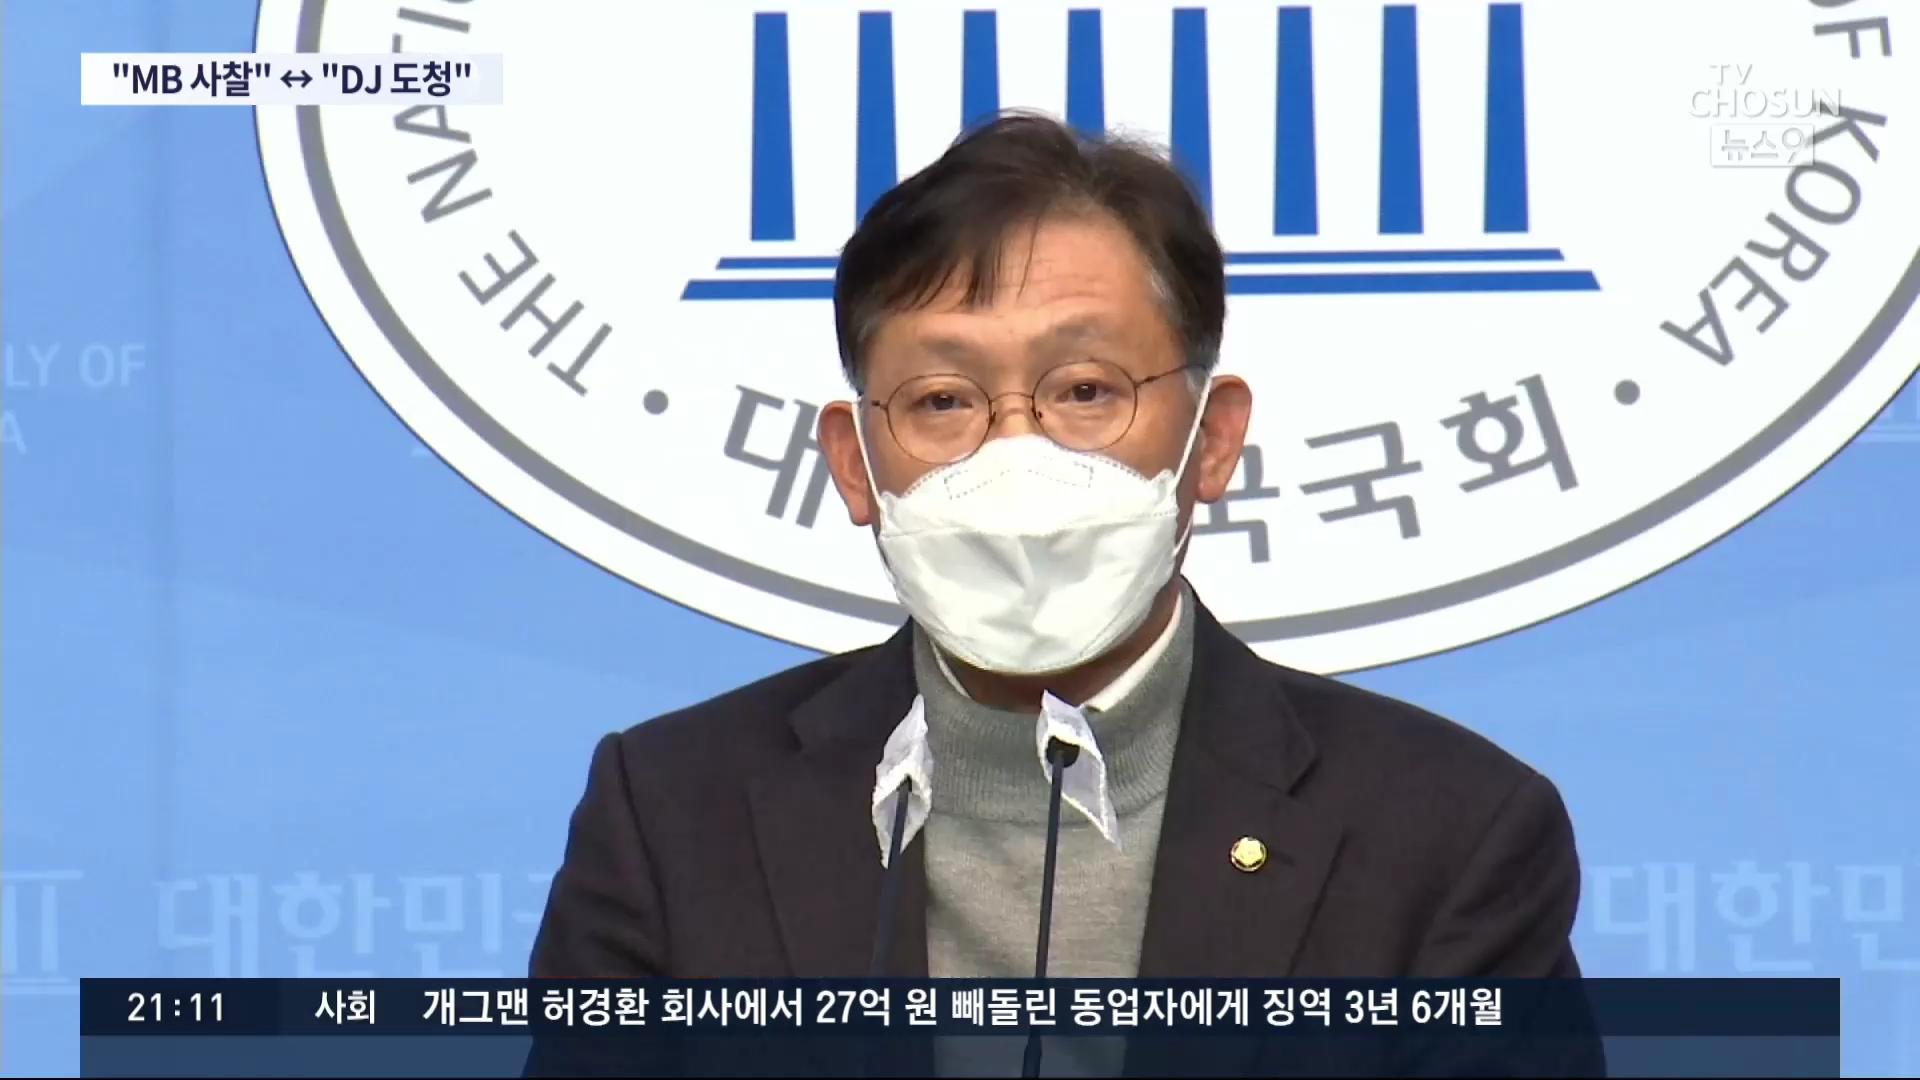 배진교, MB때 사찰 문건 공개…野 'DJ때 1800명 불법도청'